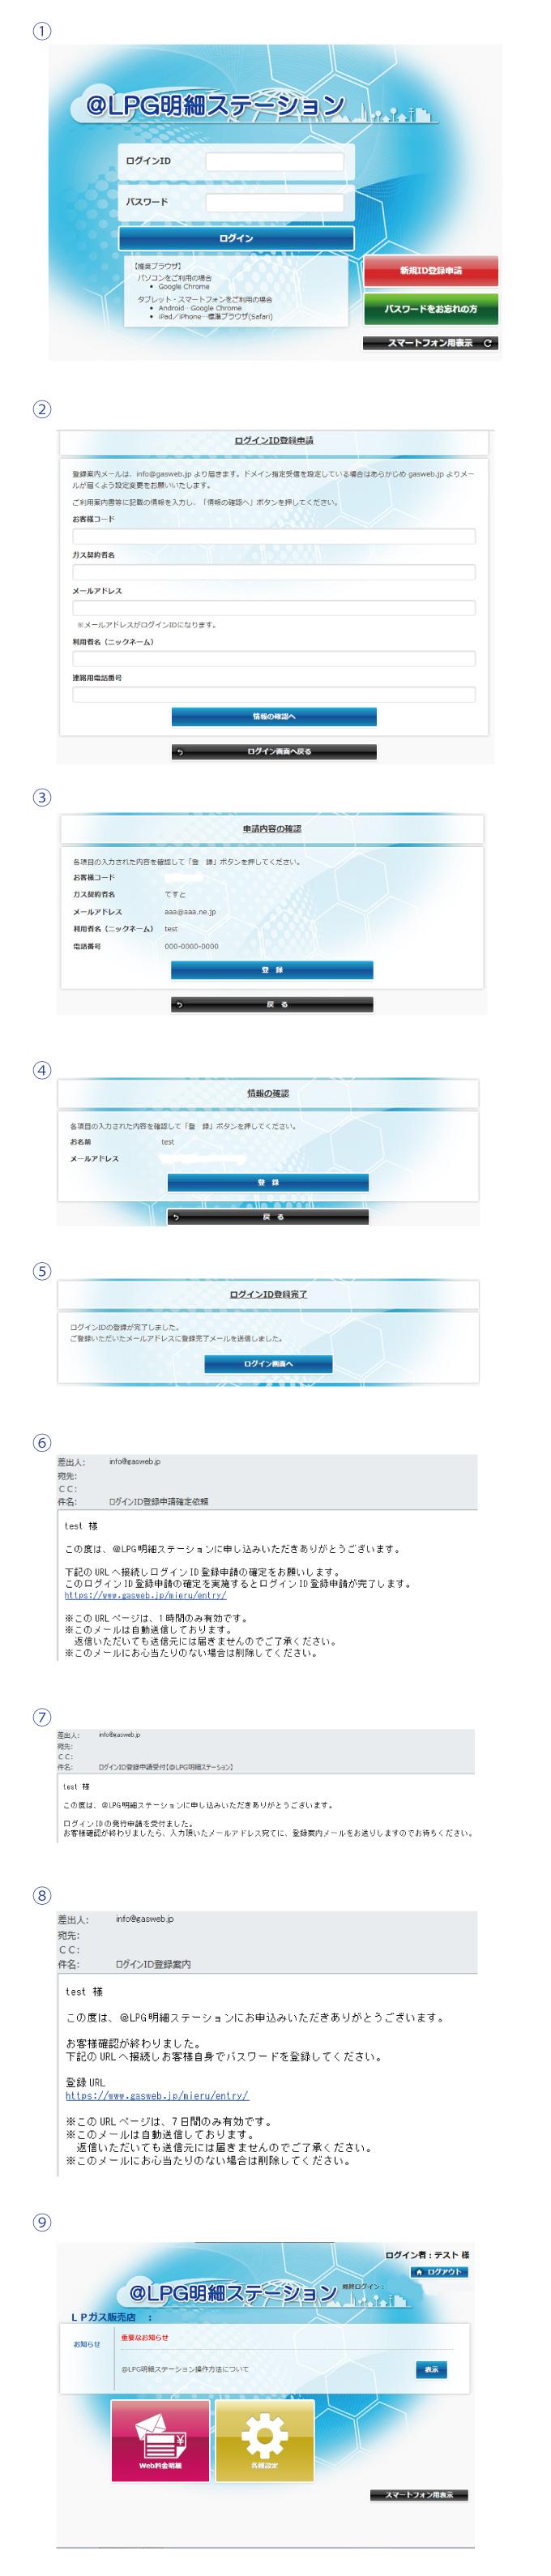 LPG明細ステーション-フロー図